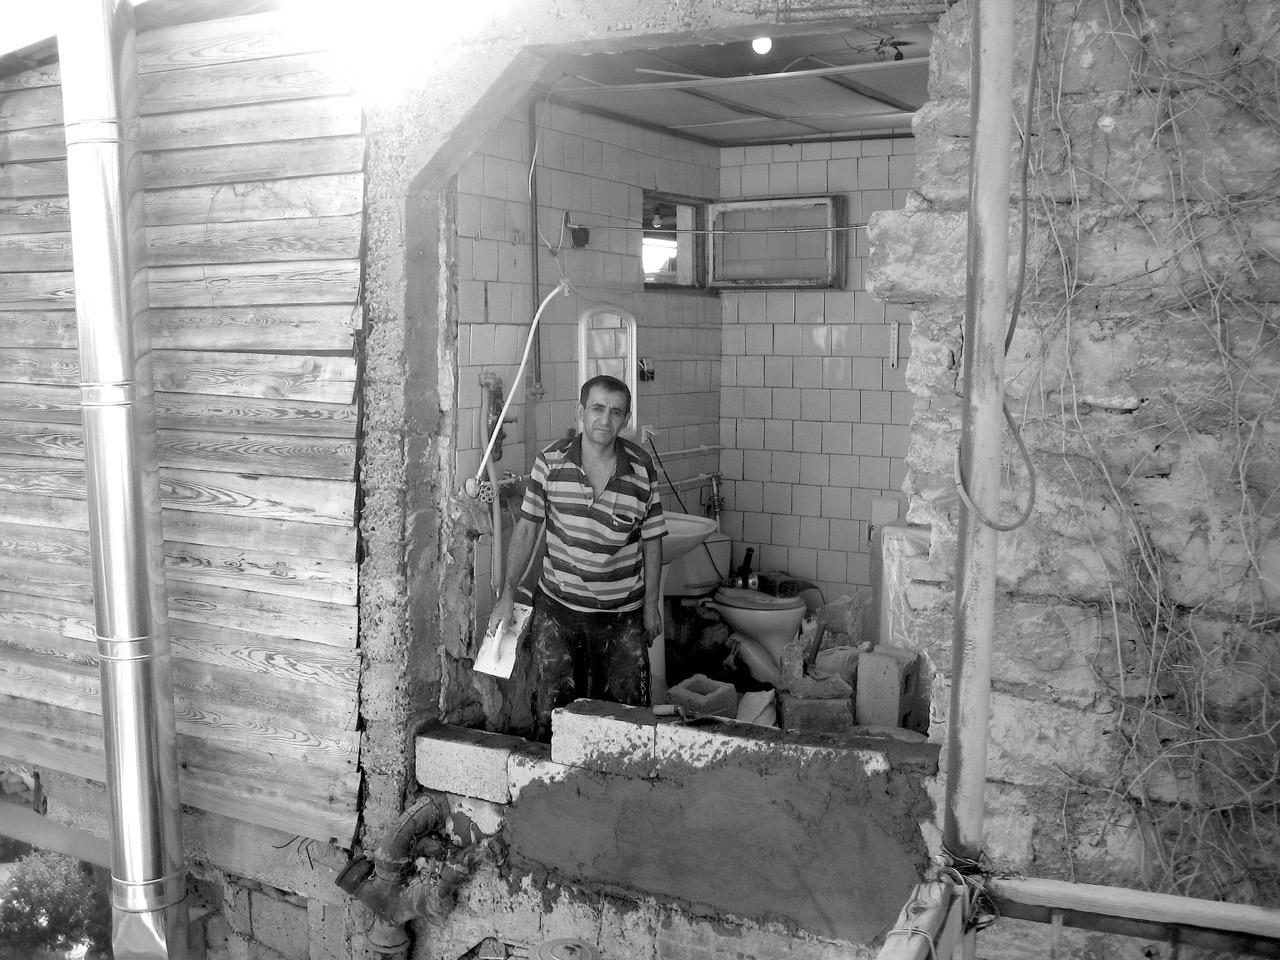 Foto: Badezimmer. Aus: Eriwan. Kapitel 6 Aufzeichnungen aus Armenien von Marc Degens.